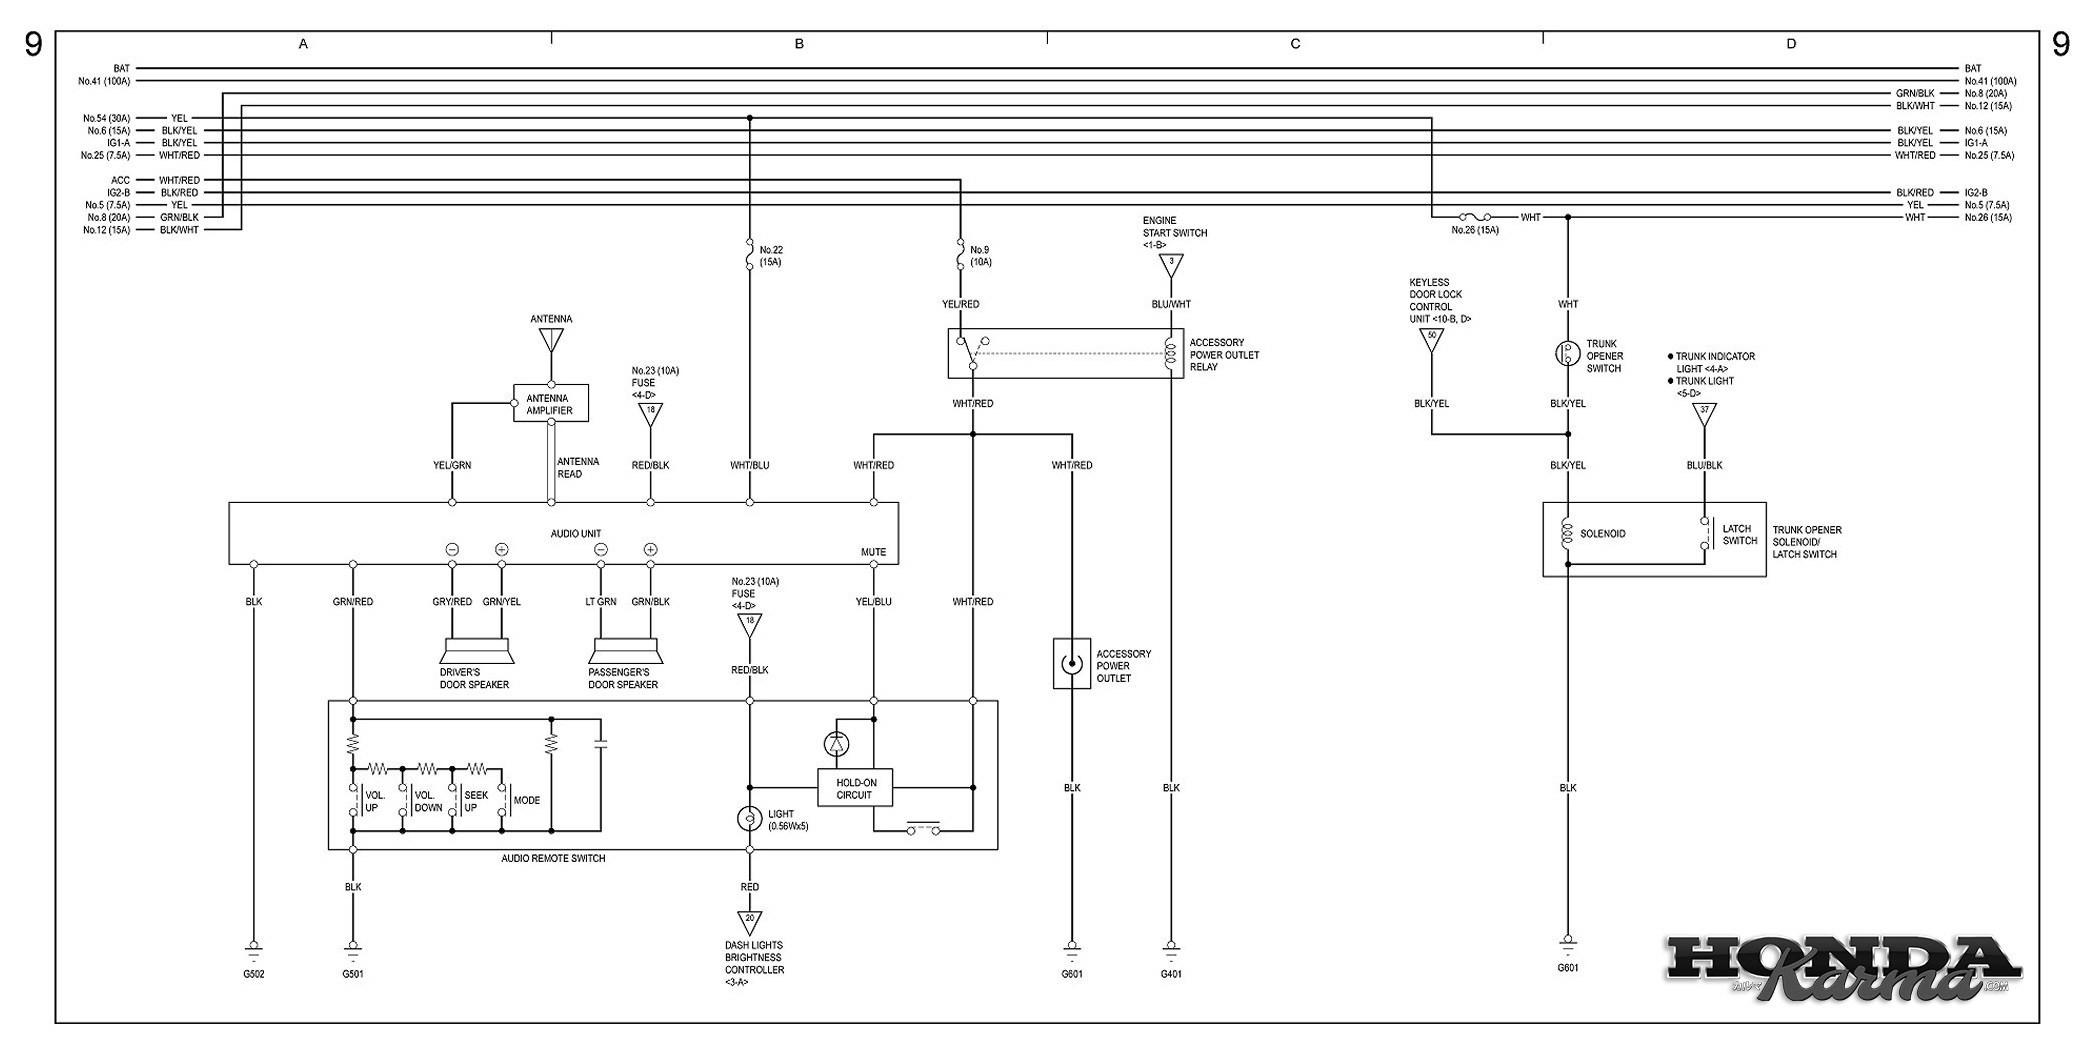 Gentex 313 Vs 453 Gentex 313 10 Pin Wiring Diagram Gentex 5 Pin Wiring Diagram Of Gentex 313 Vs 453